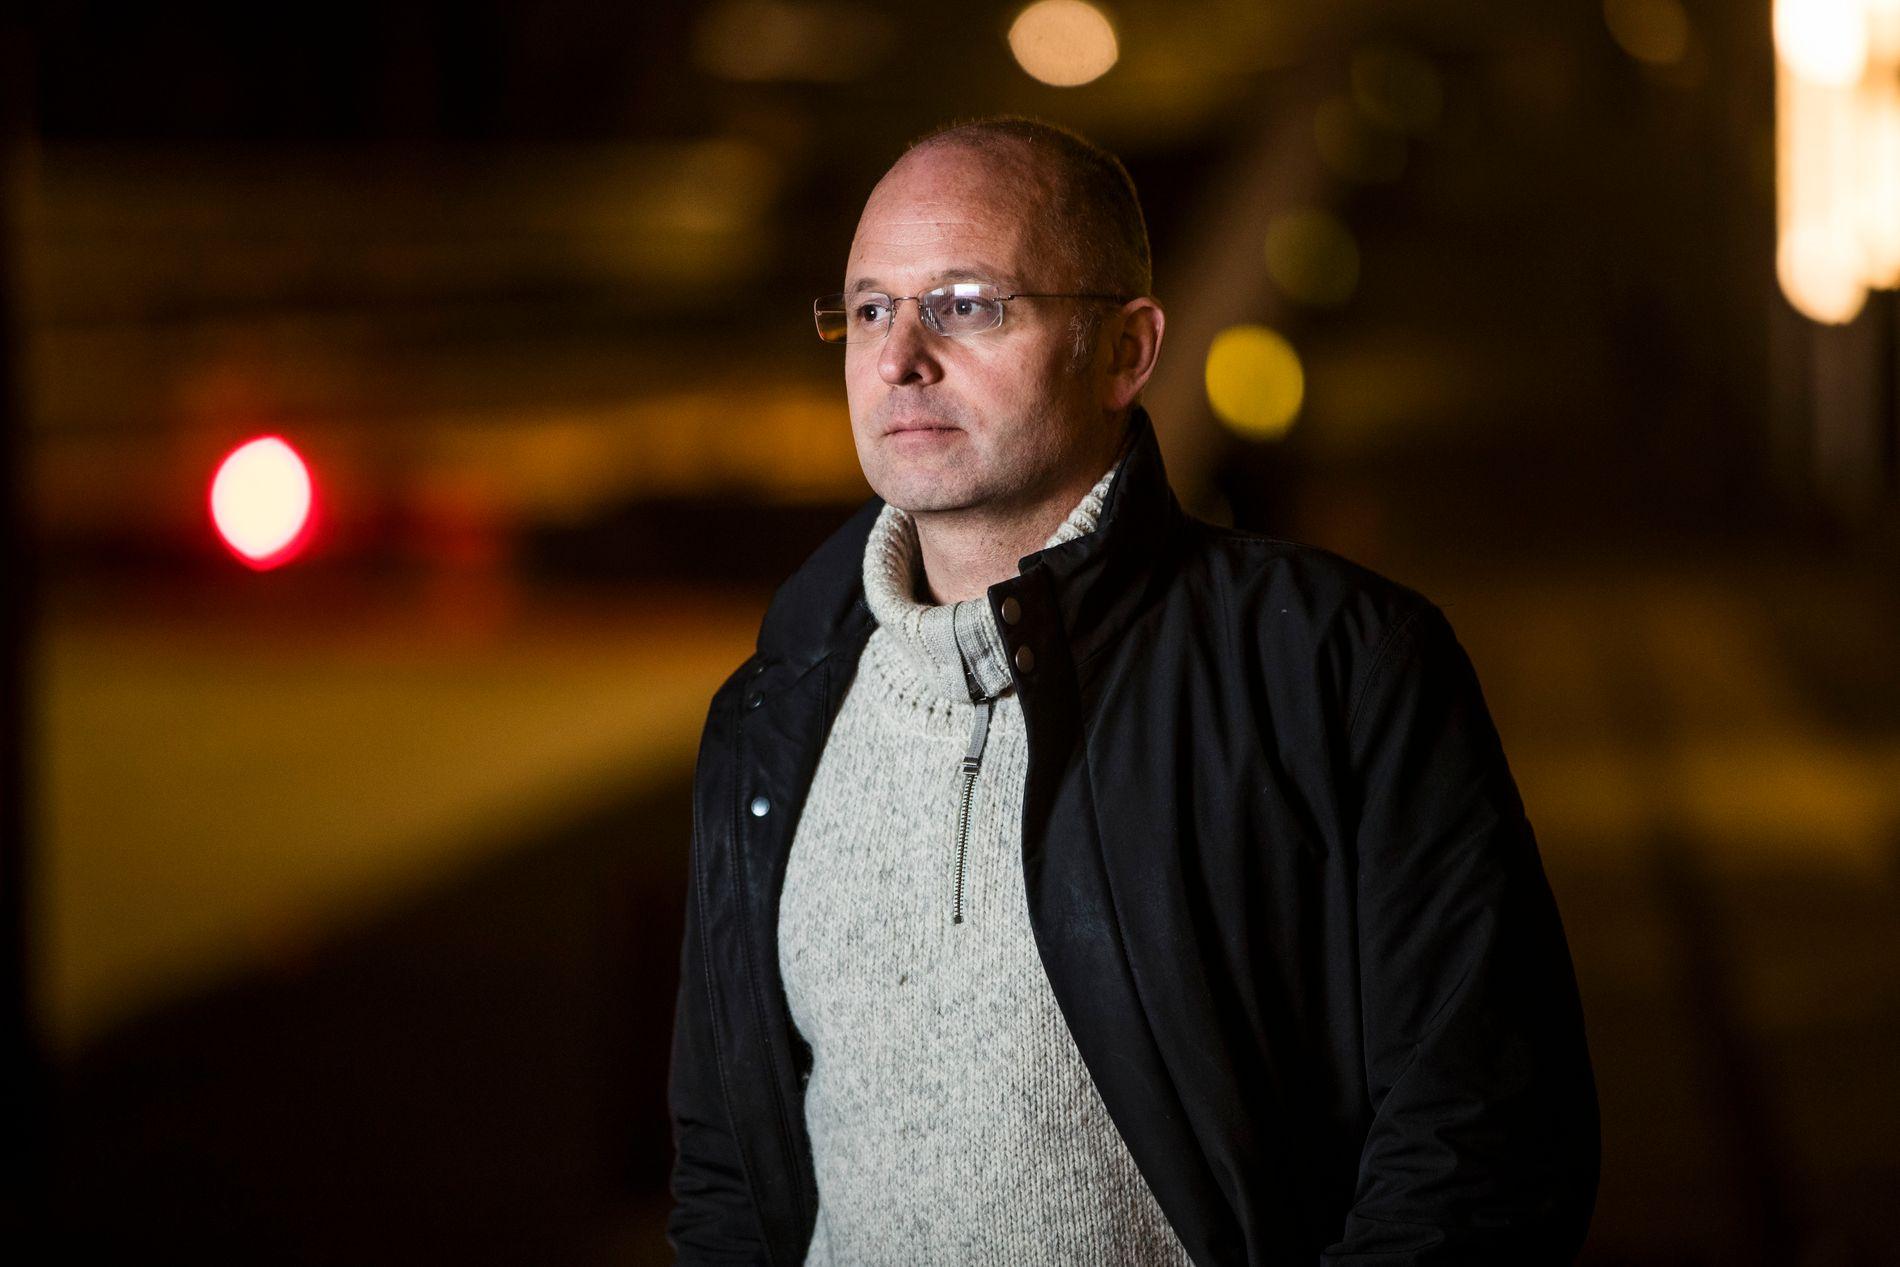 FIKK SLAG: Jørgen Christiansen (47) ble kjørt til legevakten da han ble så akutt svimmel at han måtte legge seg ned den 1. juni. Først flere timer senere kom han til Ullevål sykehus.